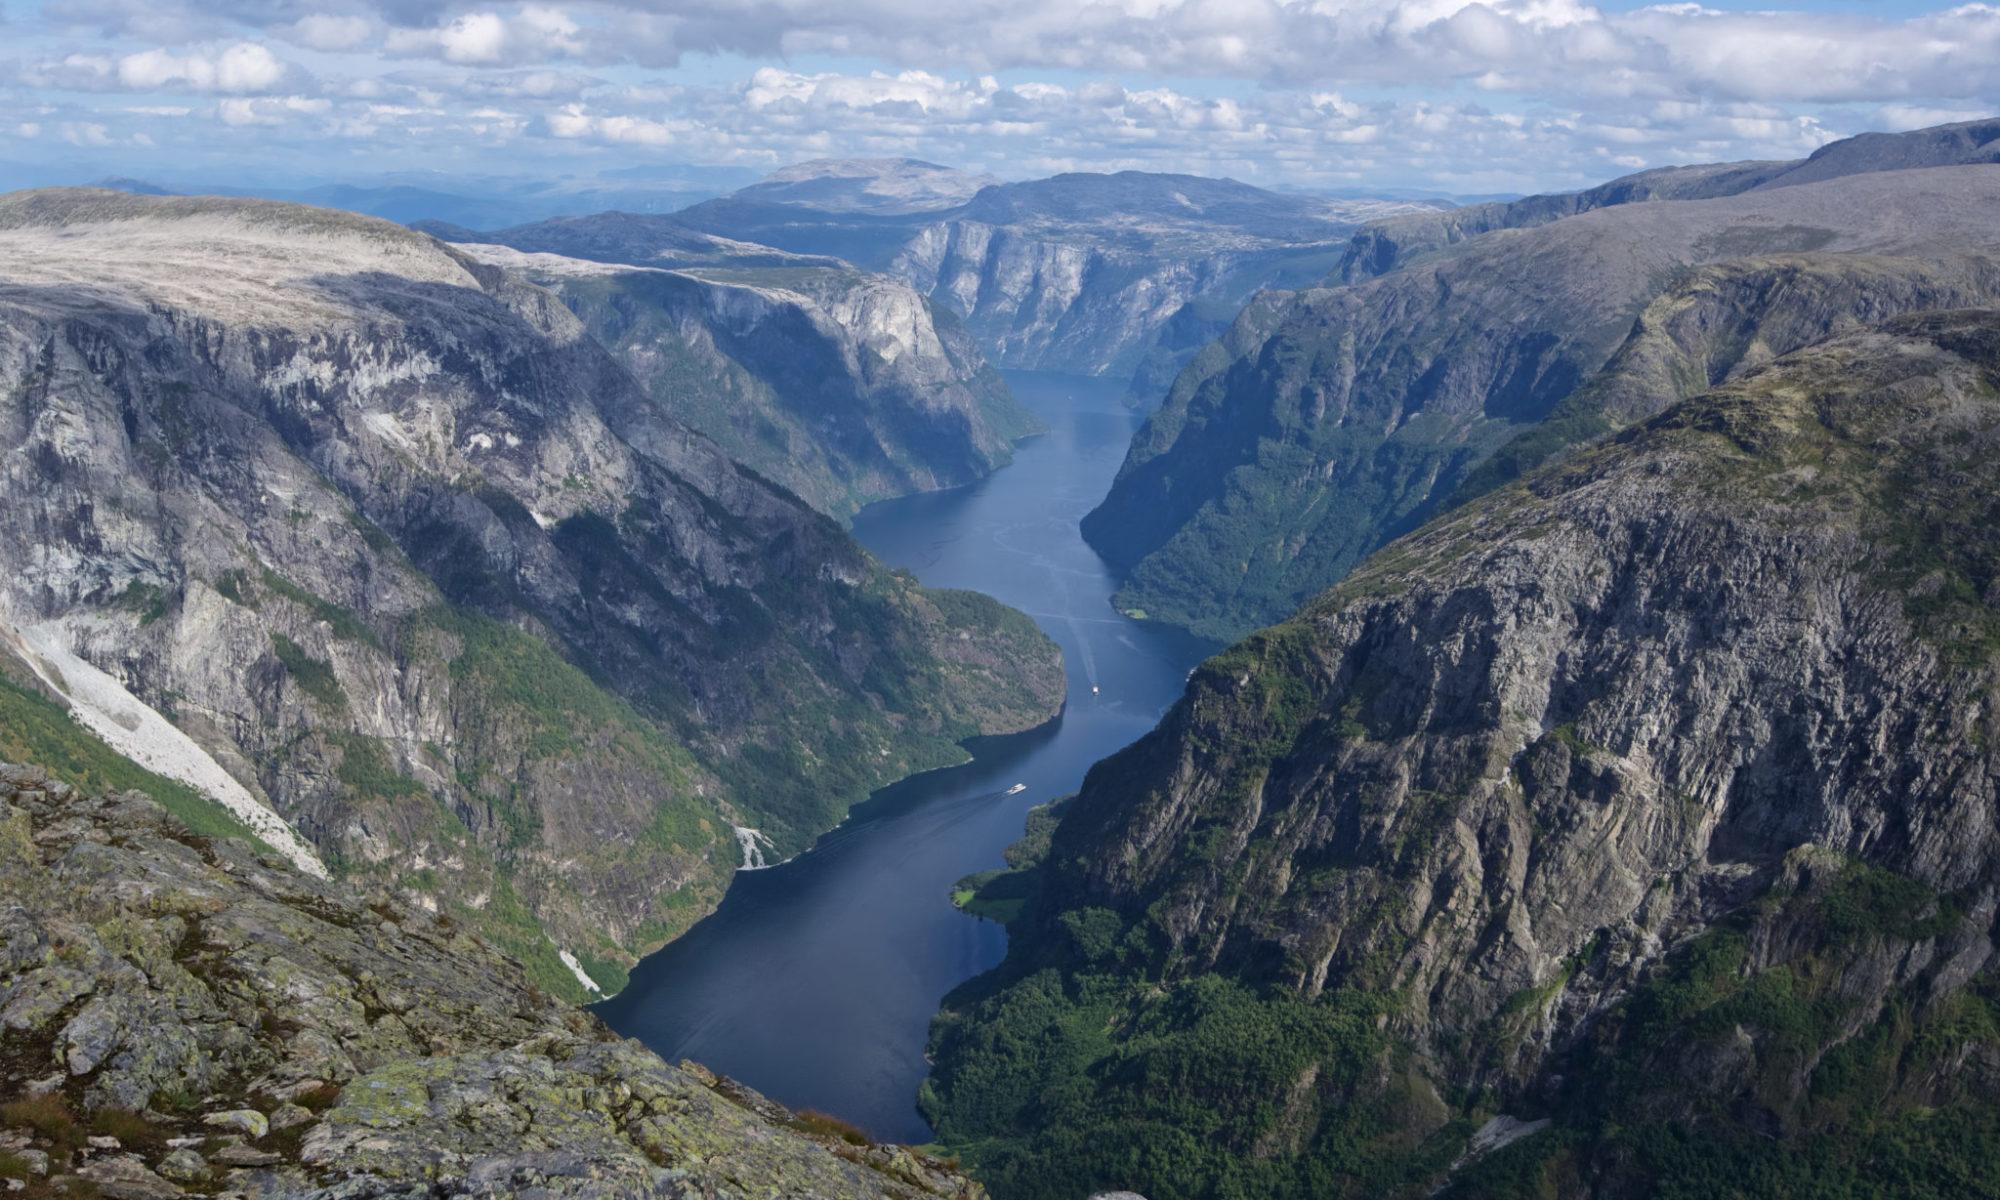 The Nærøyfjord in Sogn og Fjordane, Norway